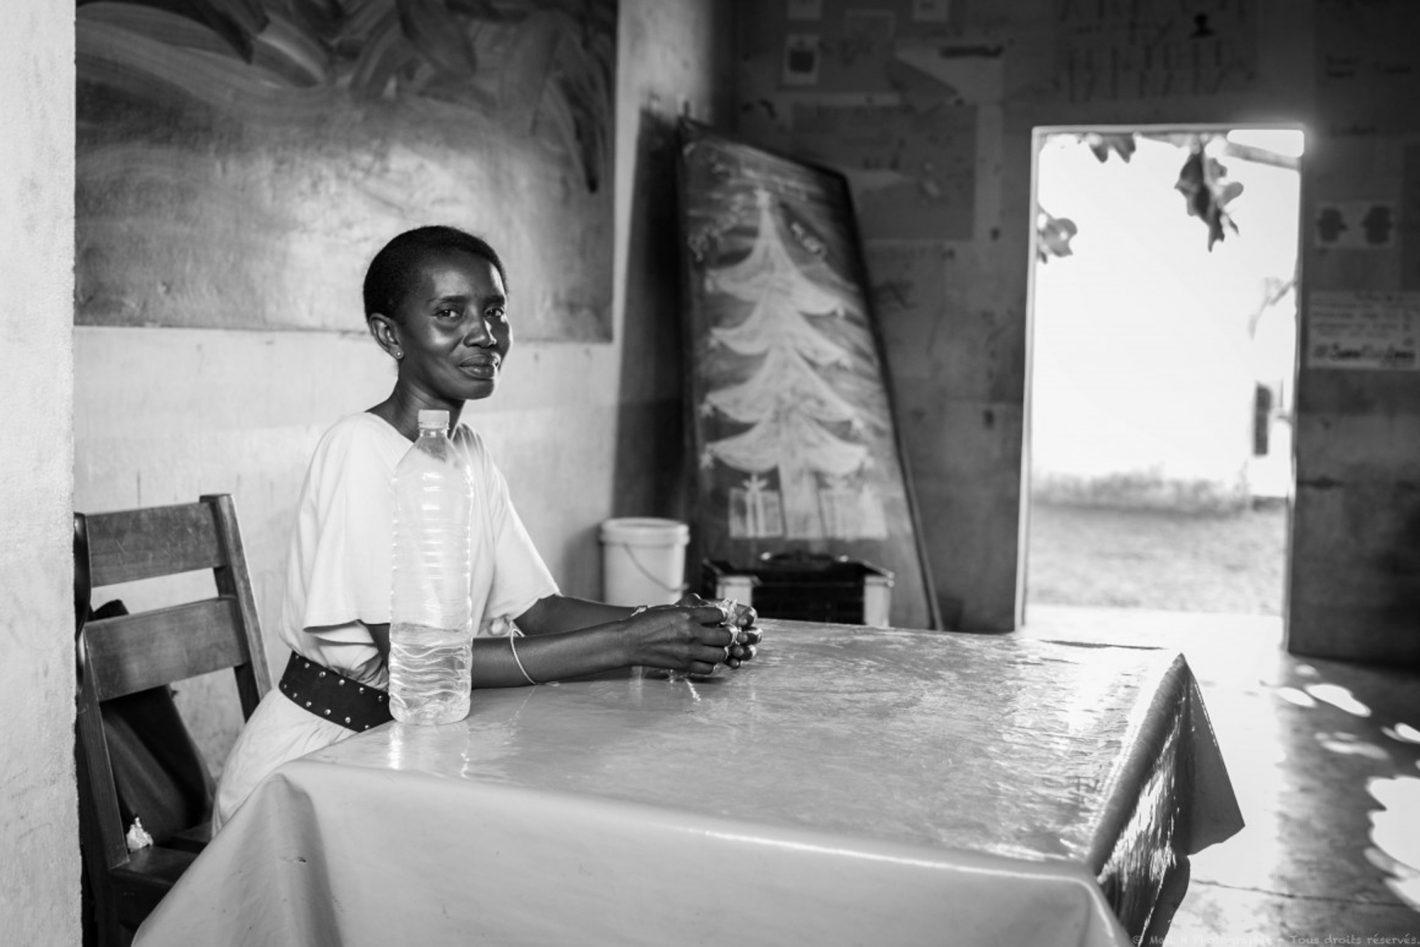 Ismail Hassanaly : Institutrice, en charge d'une classe d'environ soixante d'enfants, dans une Ecole Primaire Public à Madagascar. Toamasina, Tamatave, Madagascar.